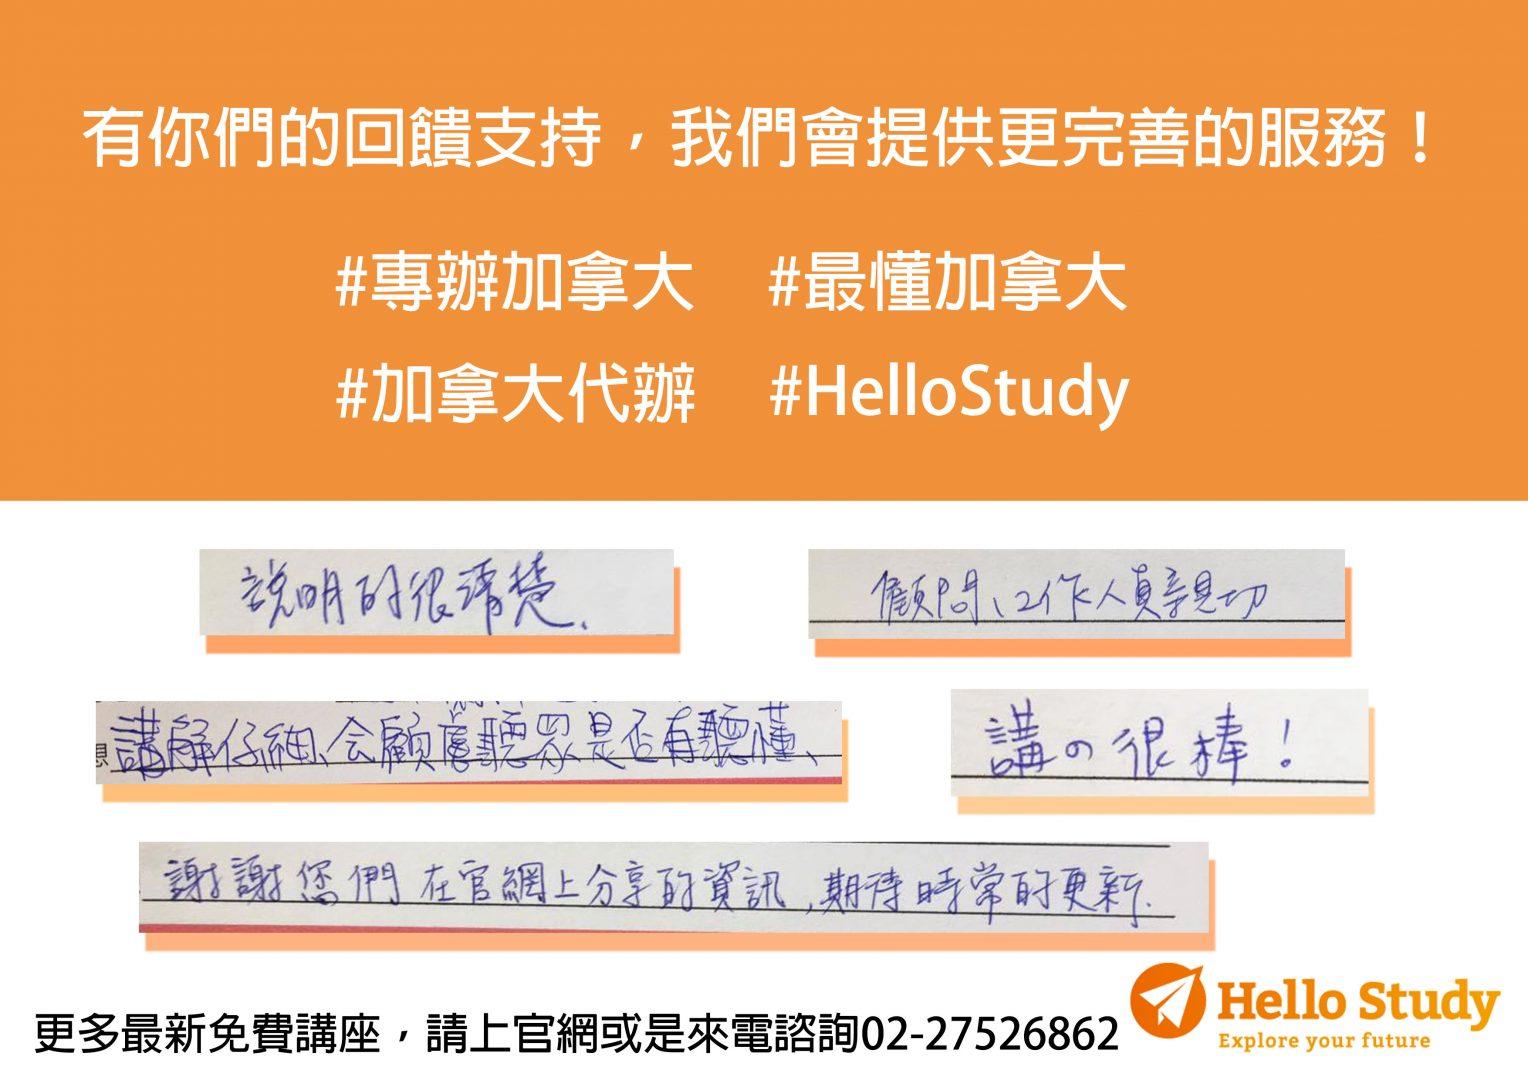 HelloStudy講座回饋